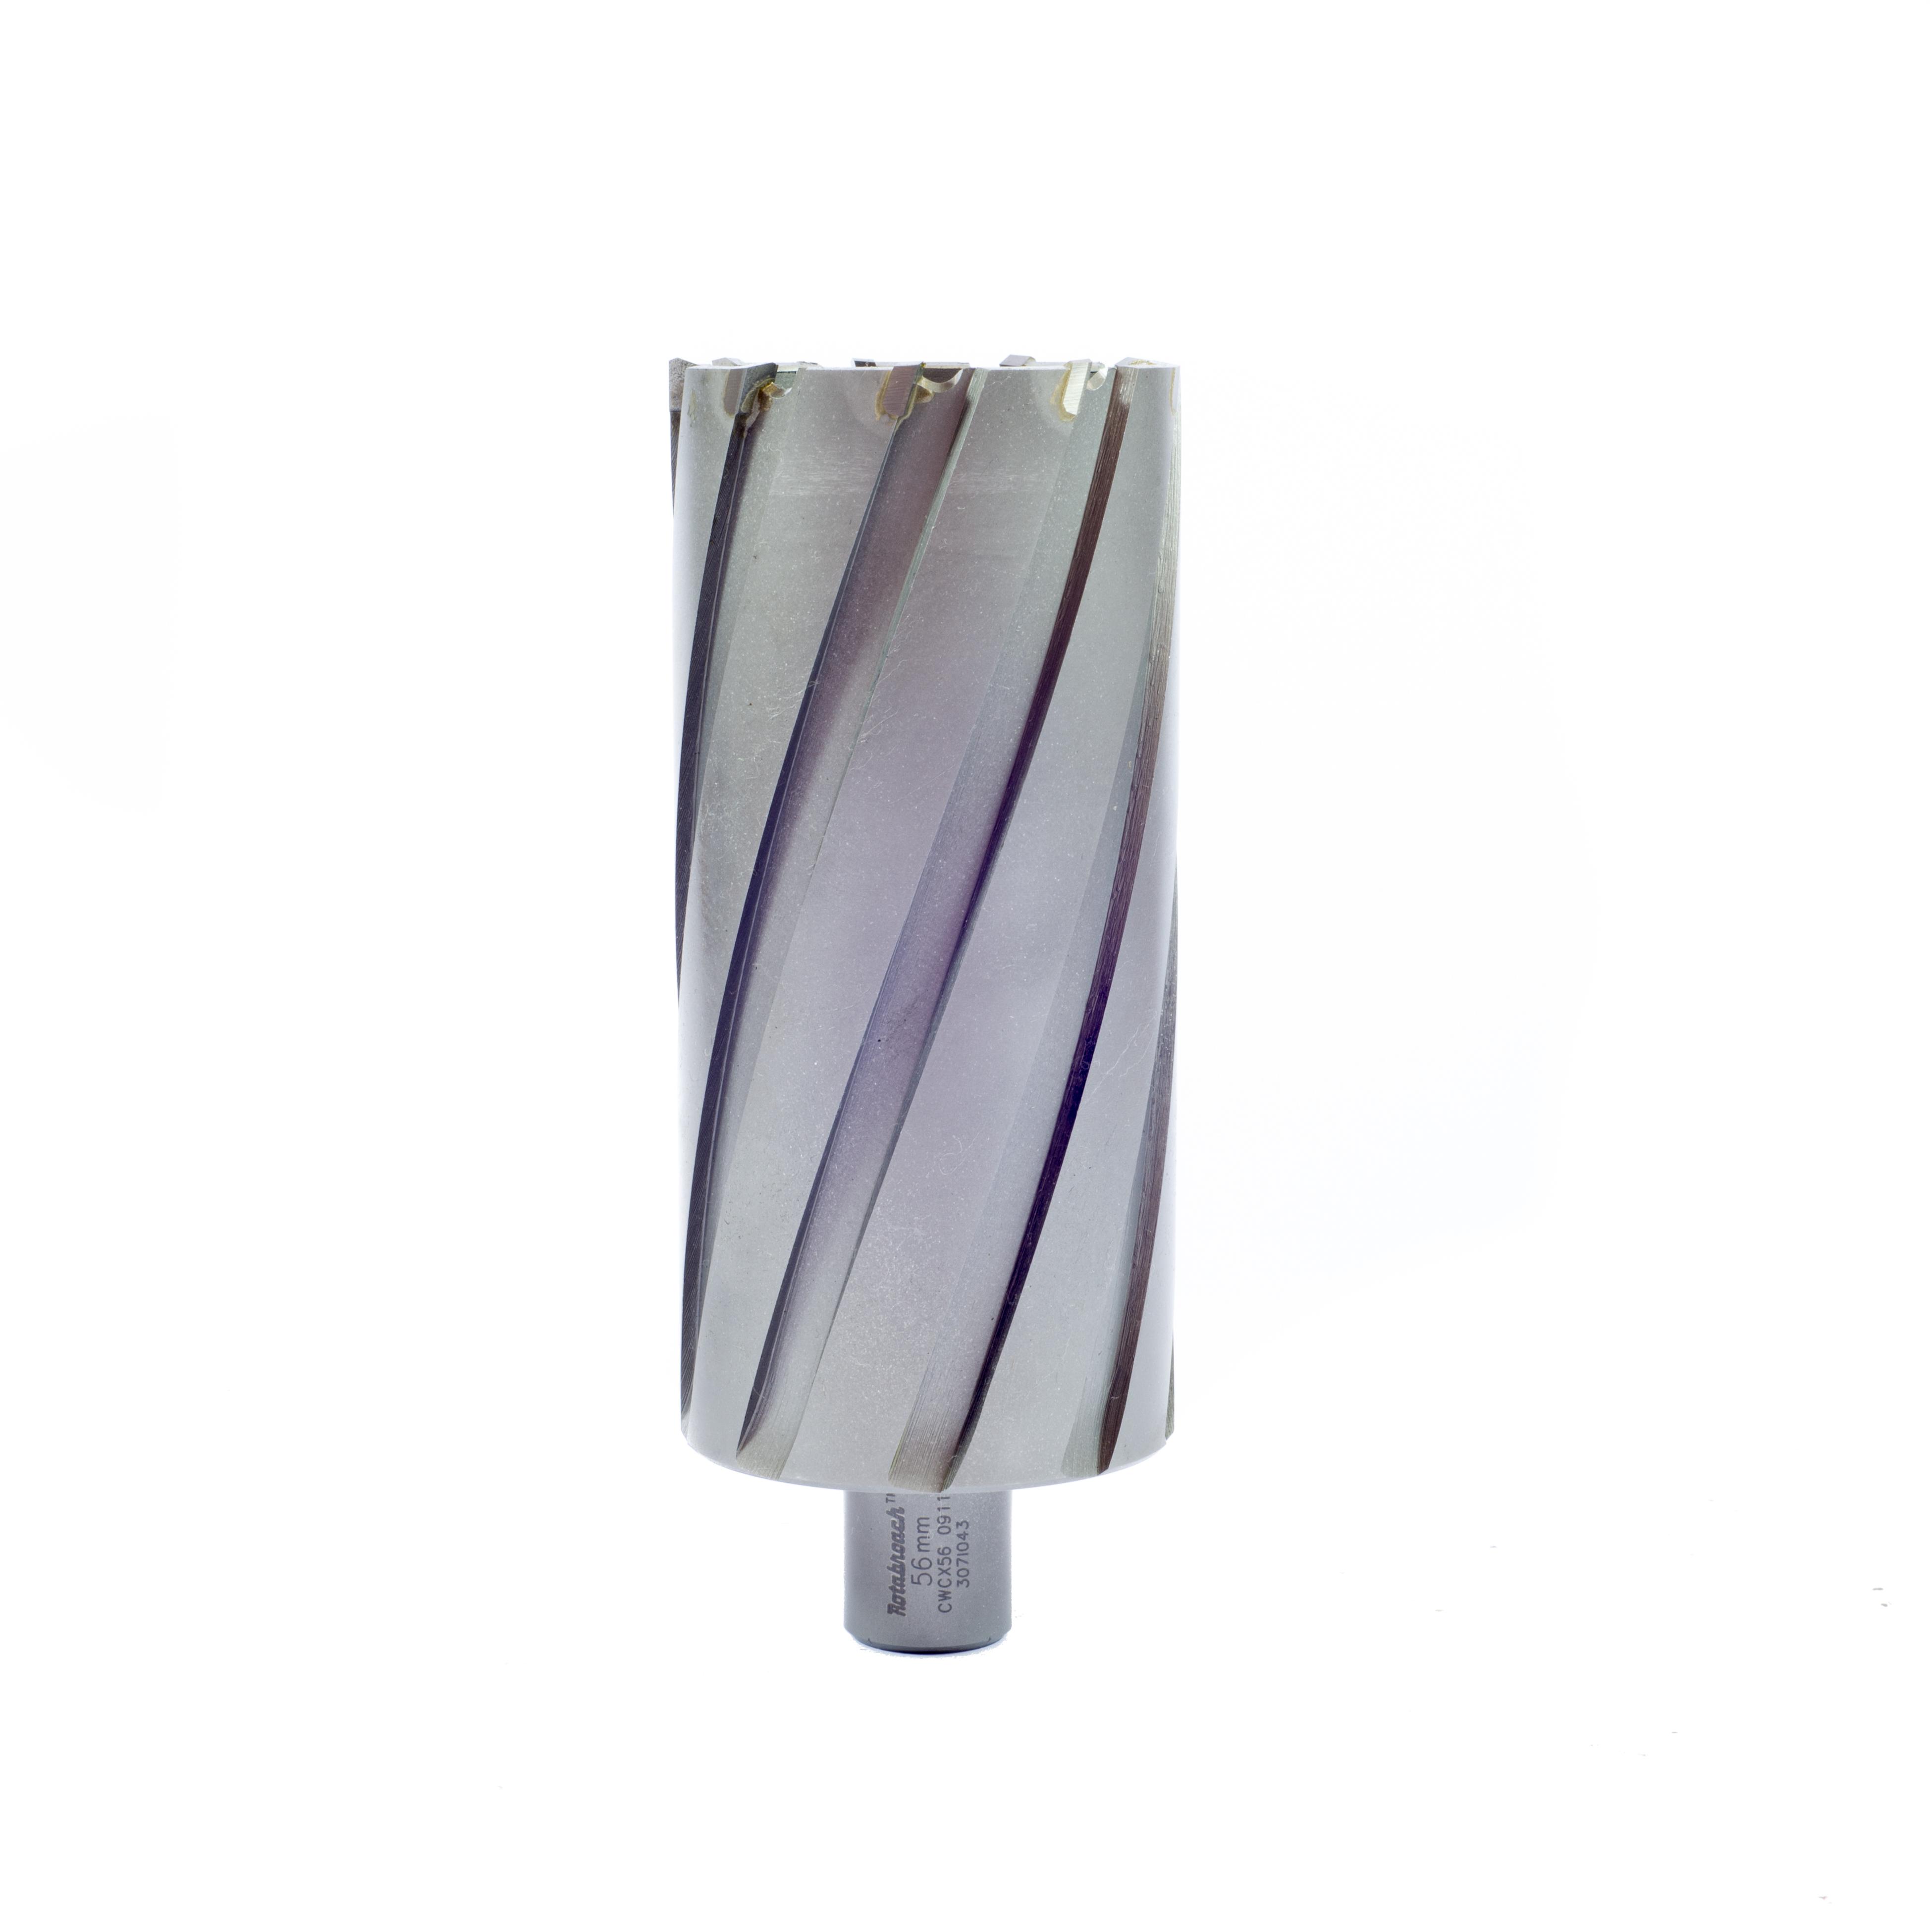 Image of   Rotabroach HM kernebor 18 x 110mm Weldon skaft 19mm / 3/4